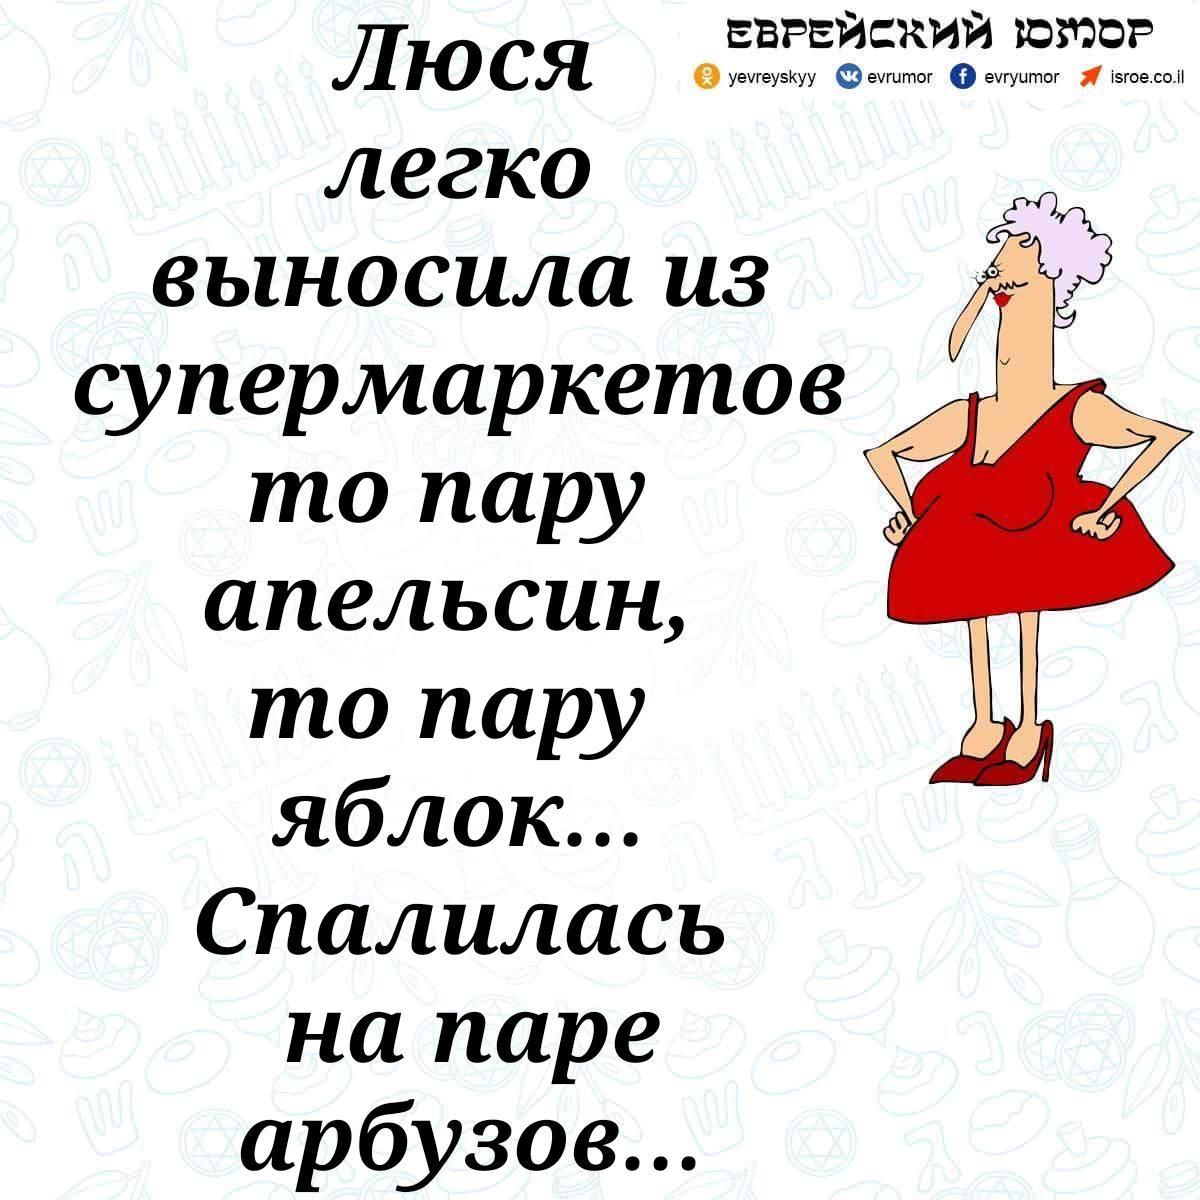 Еврейский юмор. Одесские анекдоты. Люся легко выносила...